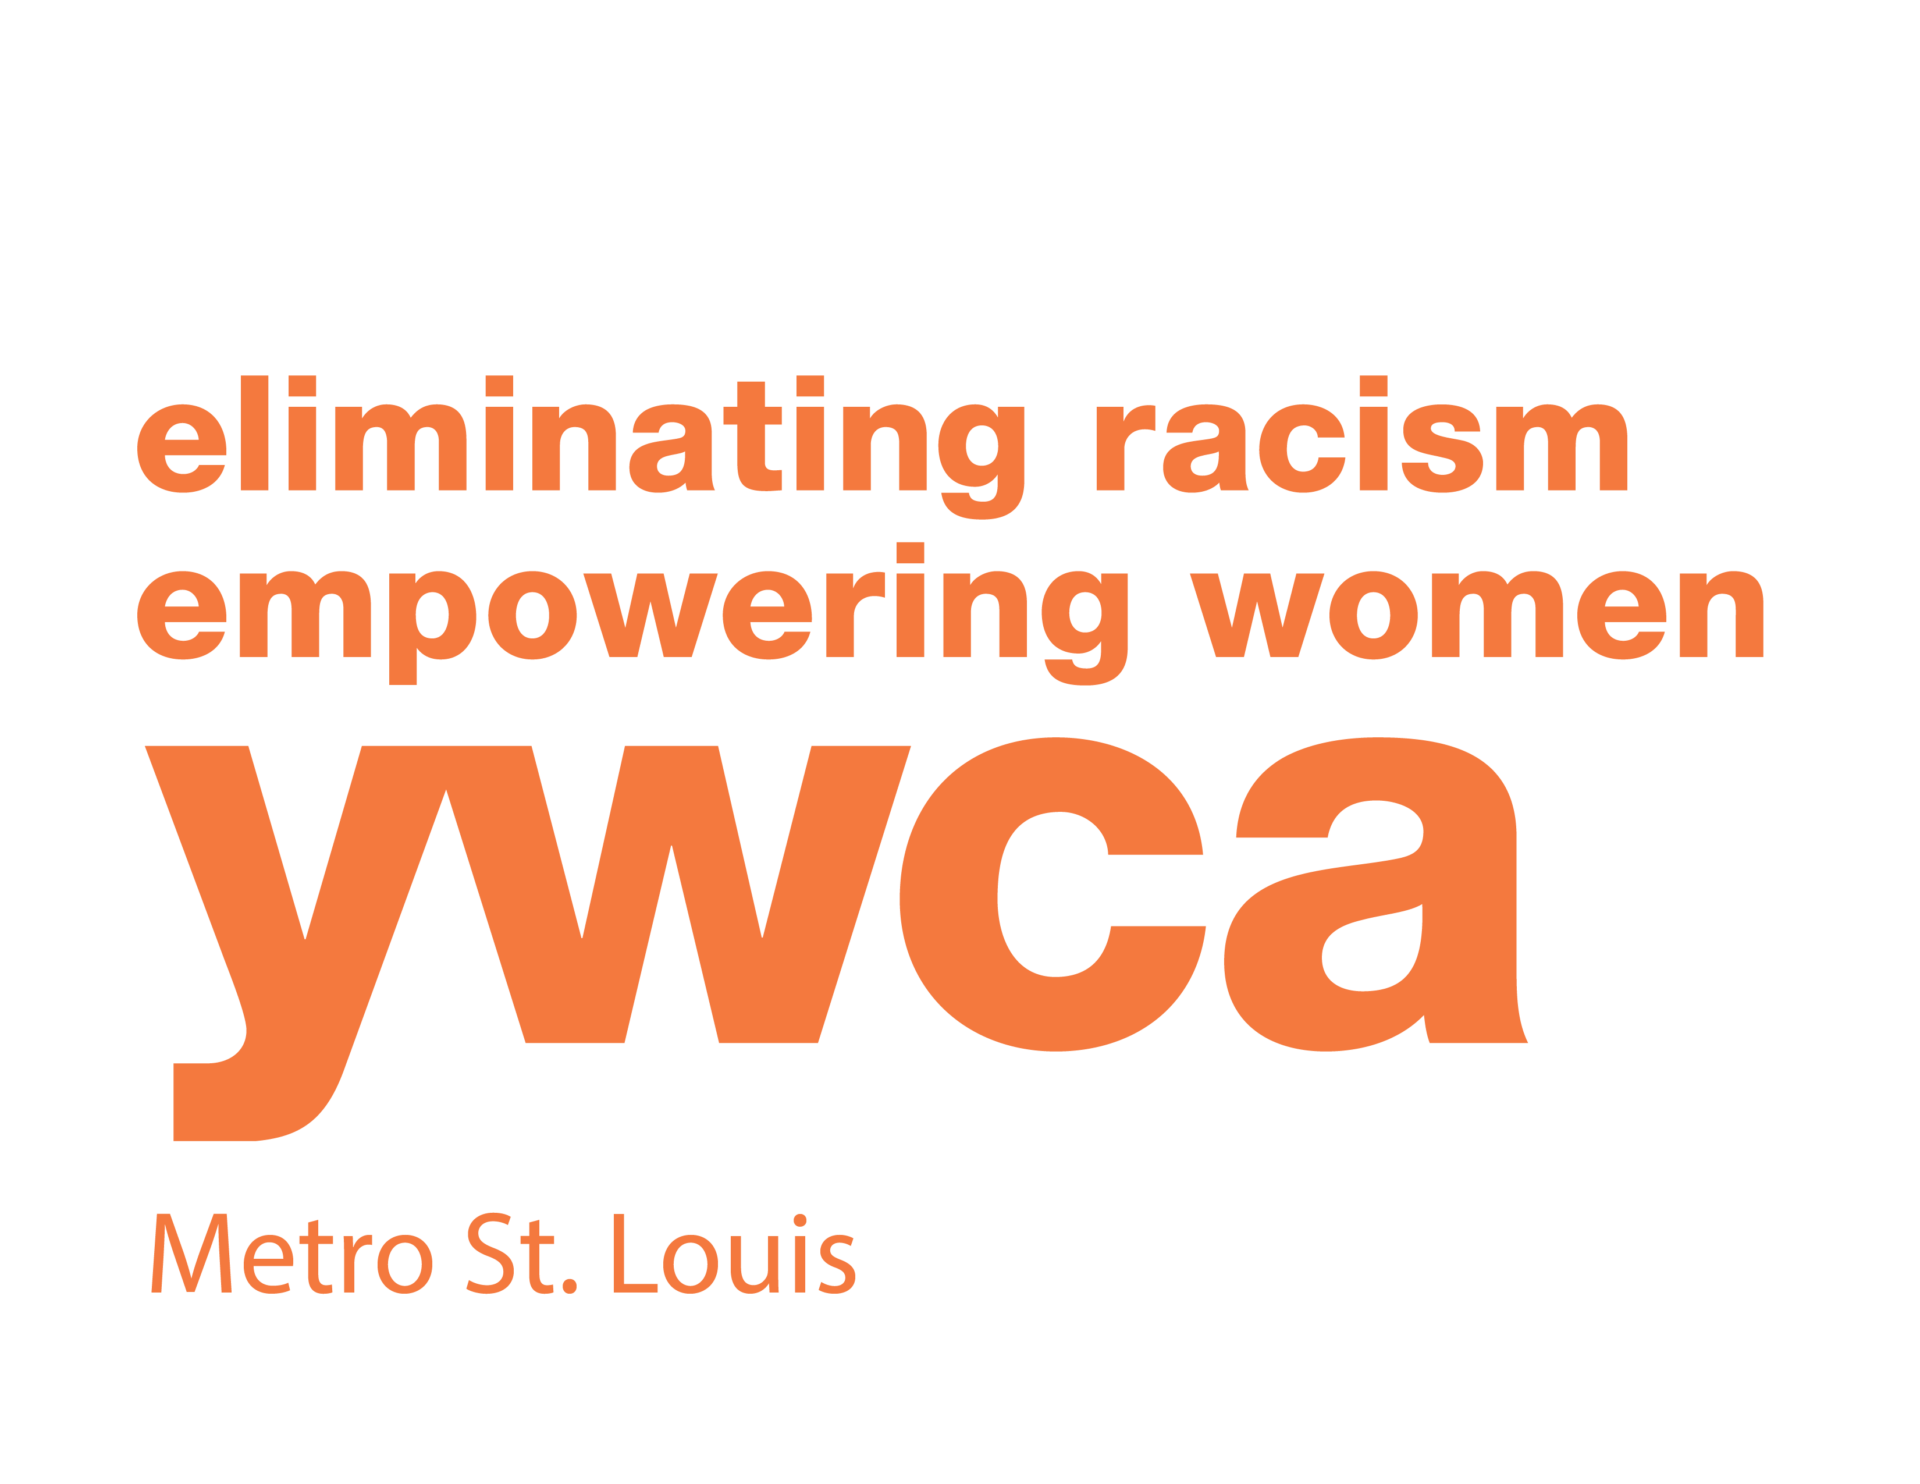 YWCA Metro St. Louis logo